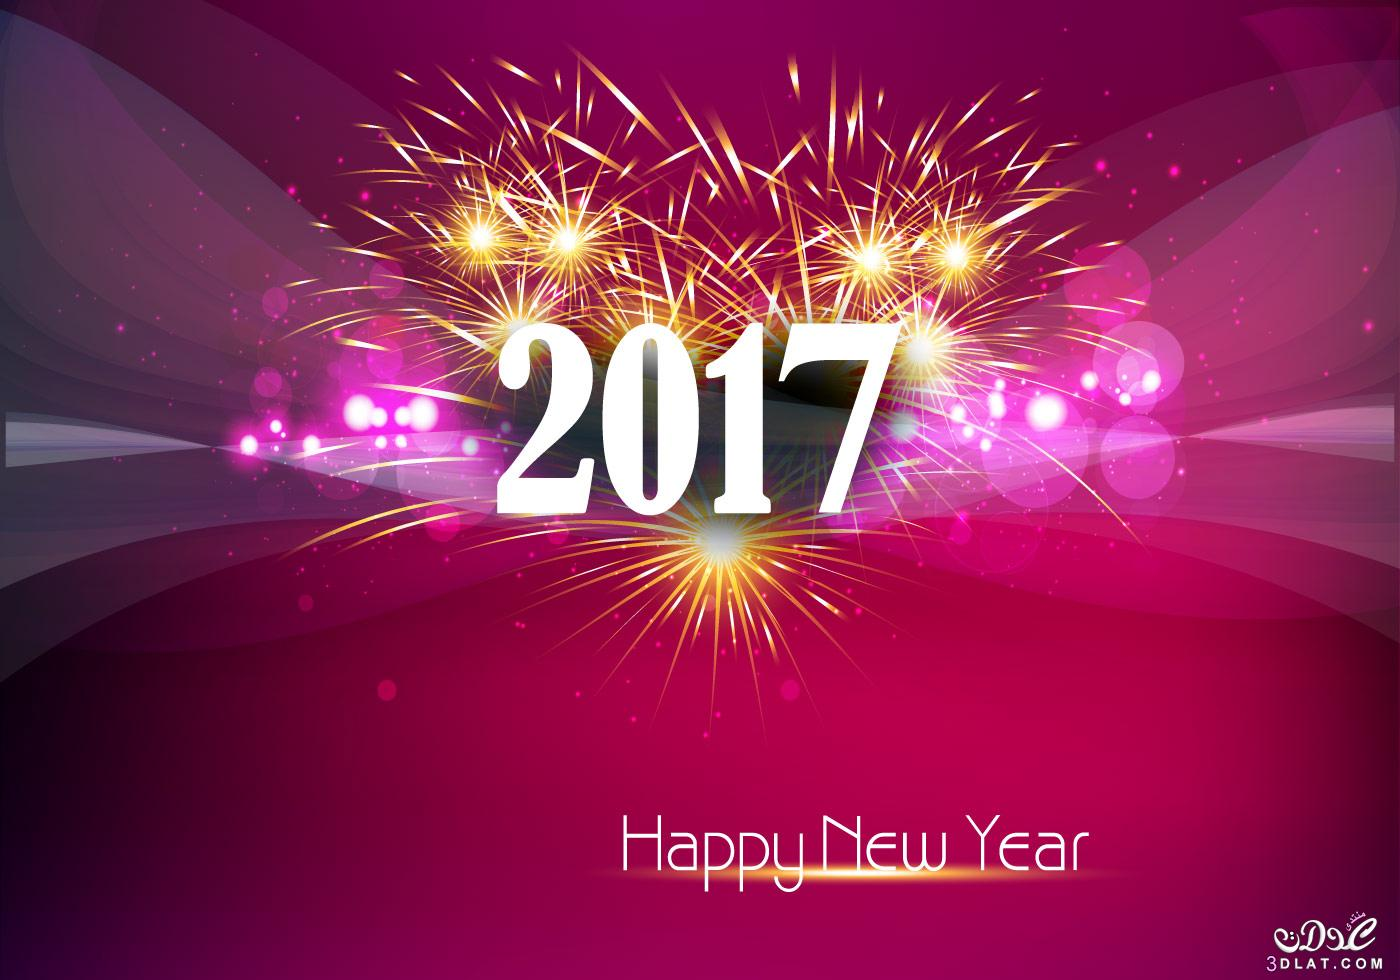 خلفيات جديدة لراس السنة الميلادية 2017 , اروع الخلفيات للعام الجديد , احدث الرمزيات للعام 2017 new_1479739244_349.j